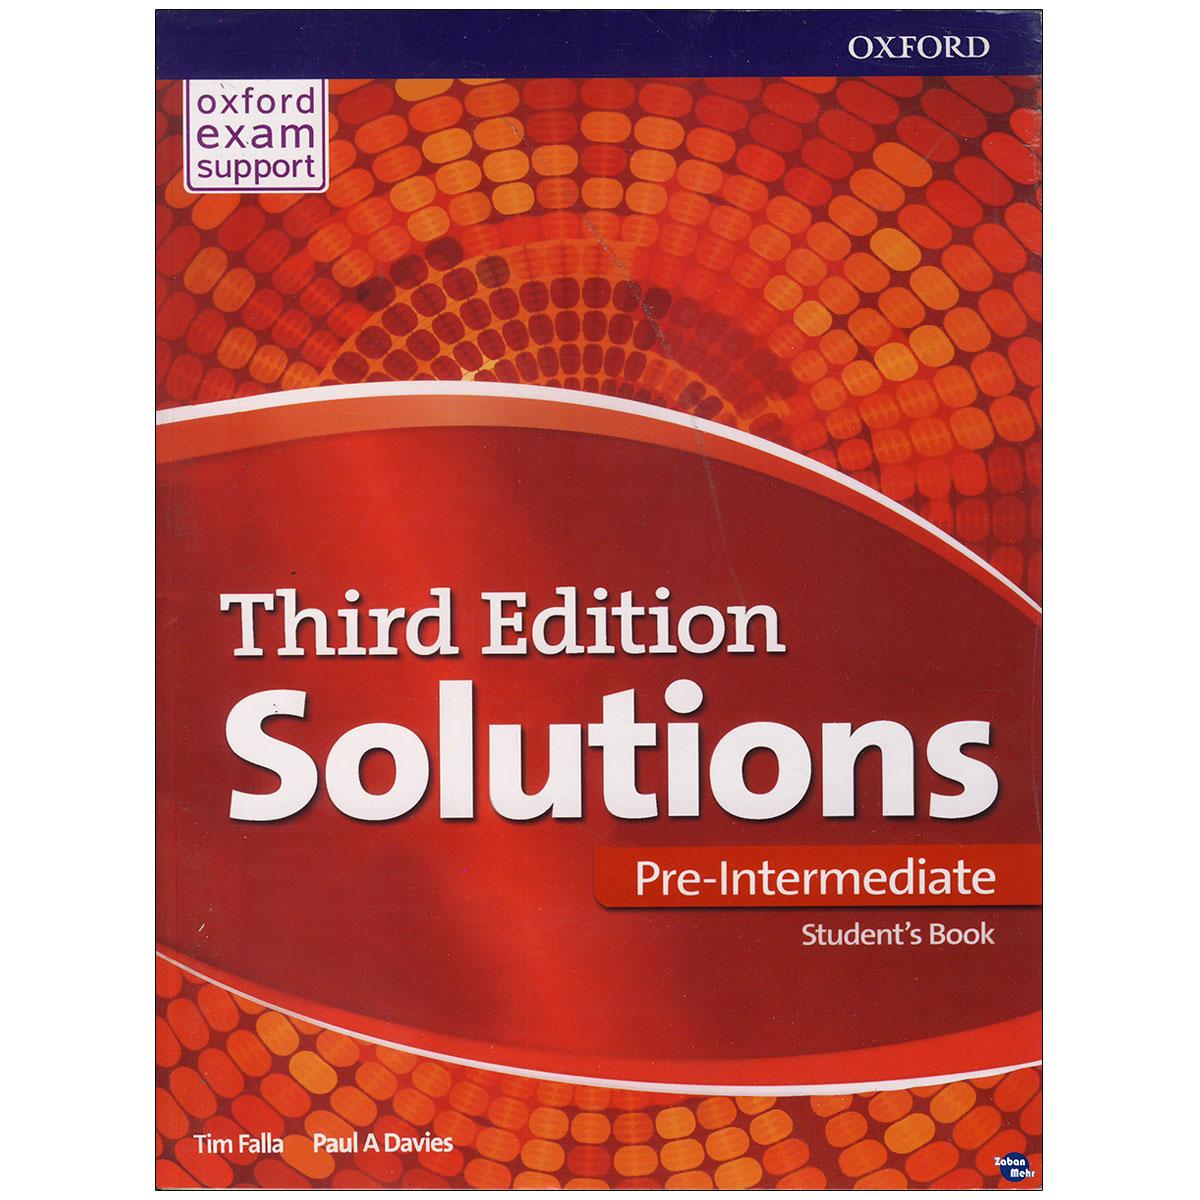 خرید                      کتاب Solutions per-Intermediate اثر Tim Falla Paul A.Davies انتشارات زبان مهر